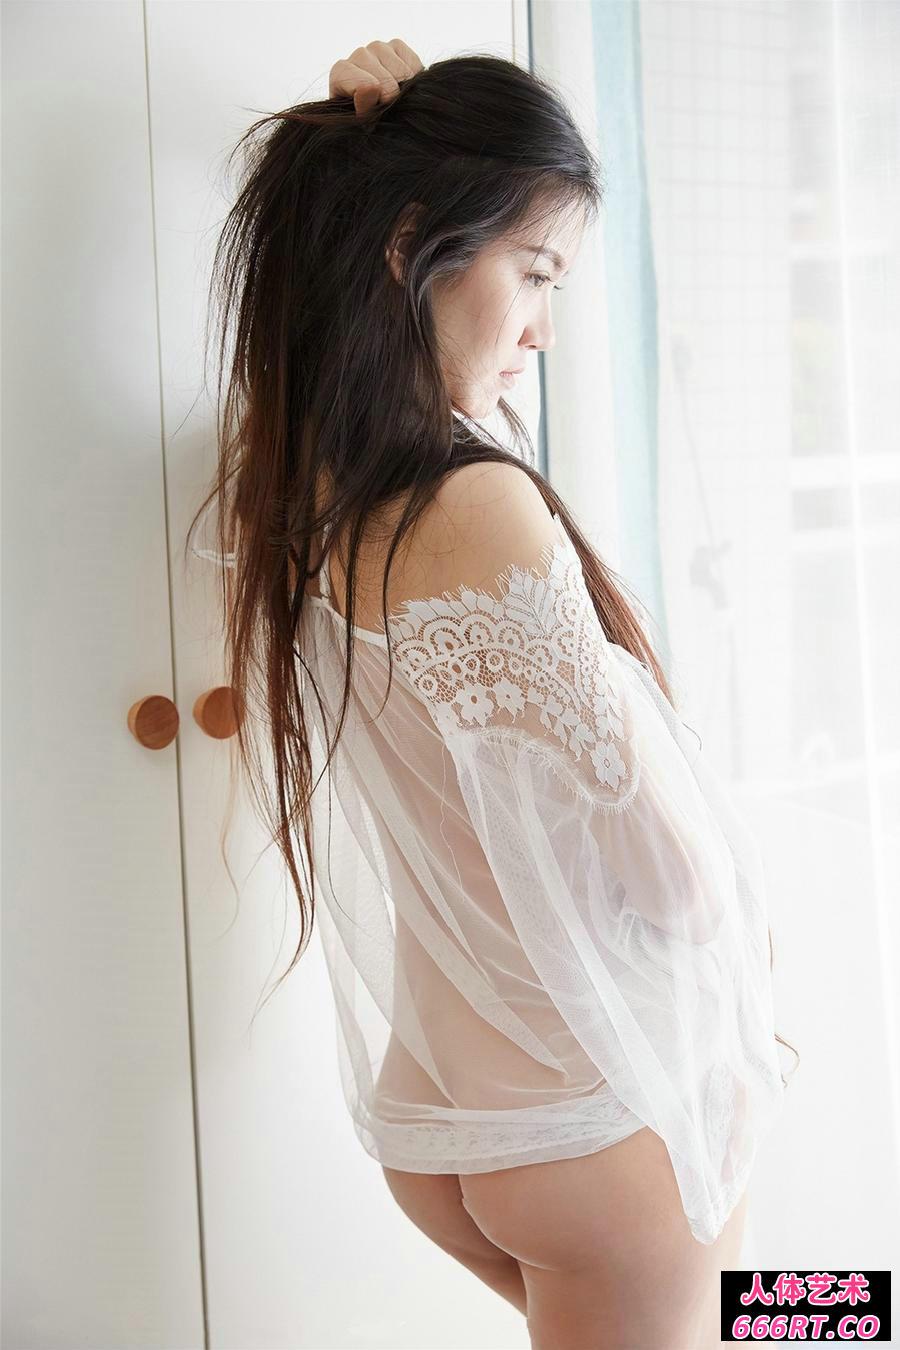 白嫩少妇吴凯莉穿超薄透视内衣倮身透明照第8张